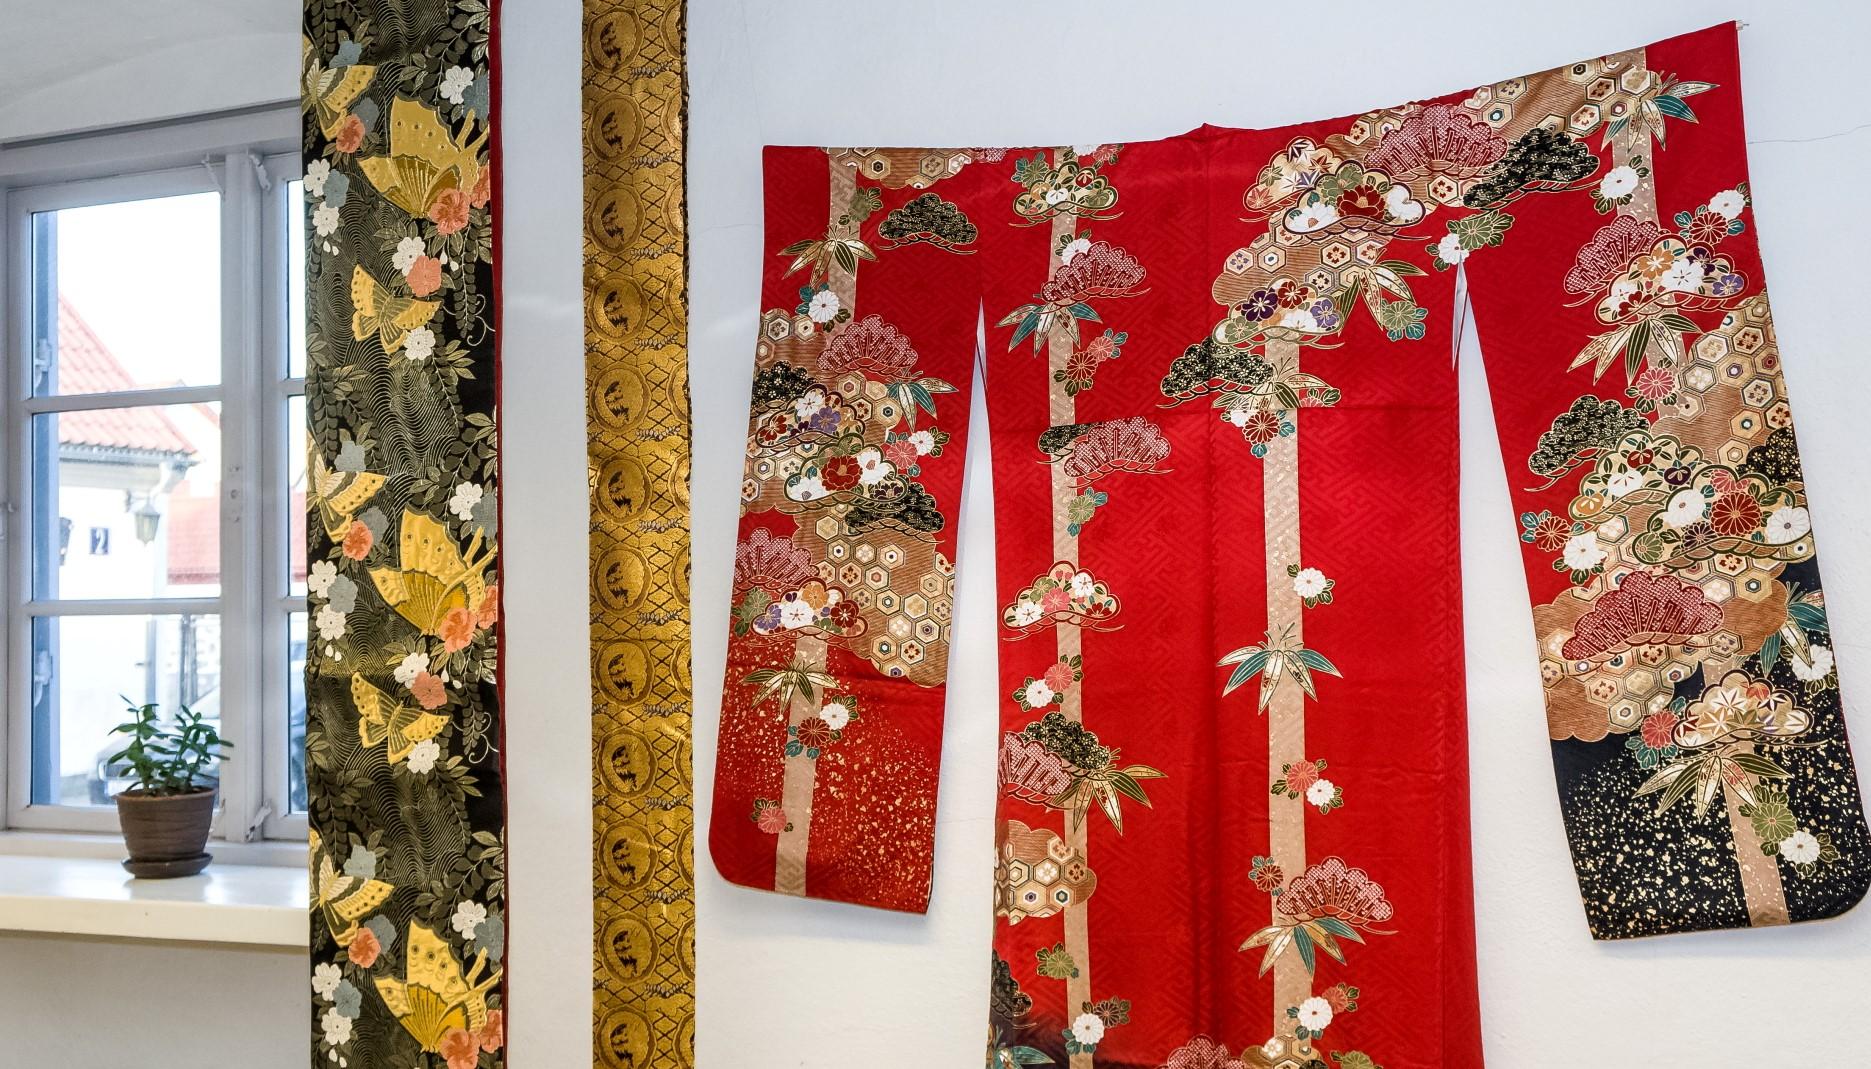 Pavasara ziedēšanas laikā aicina iepazīt krāšņus ornamentus japāņu jostās